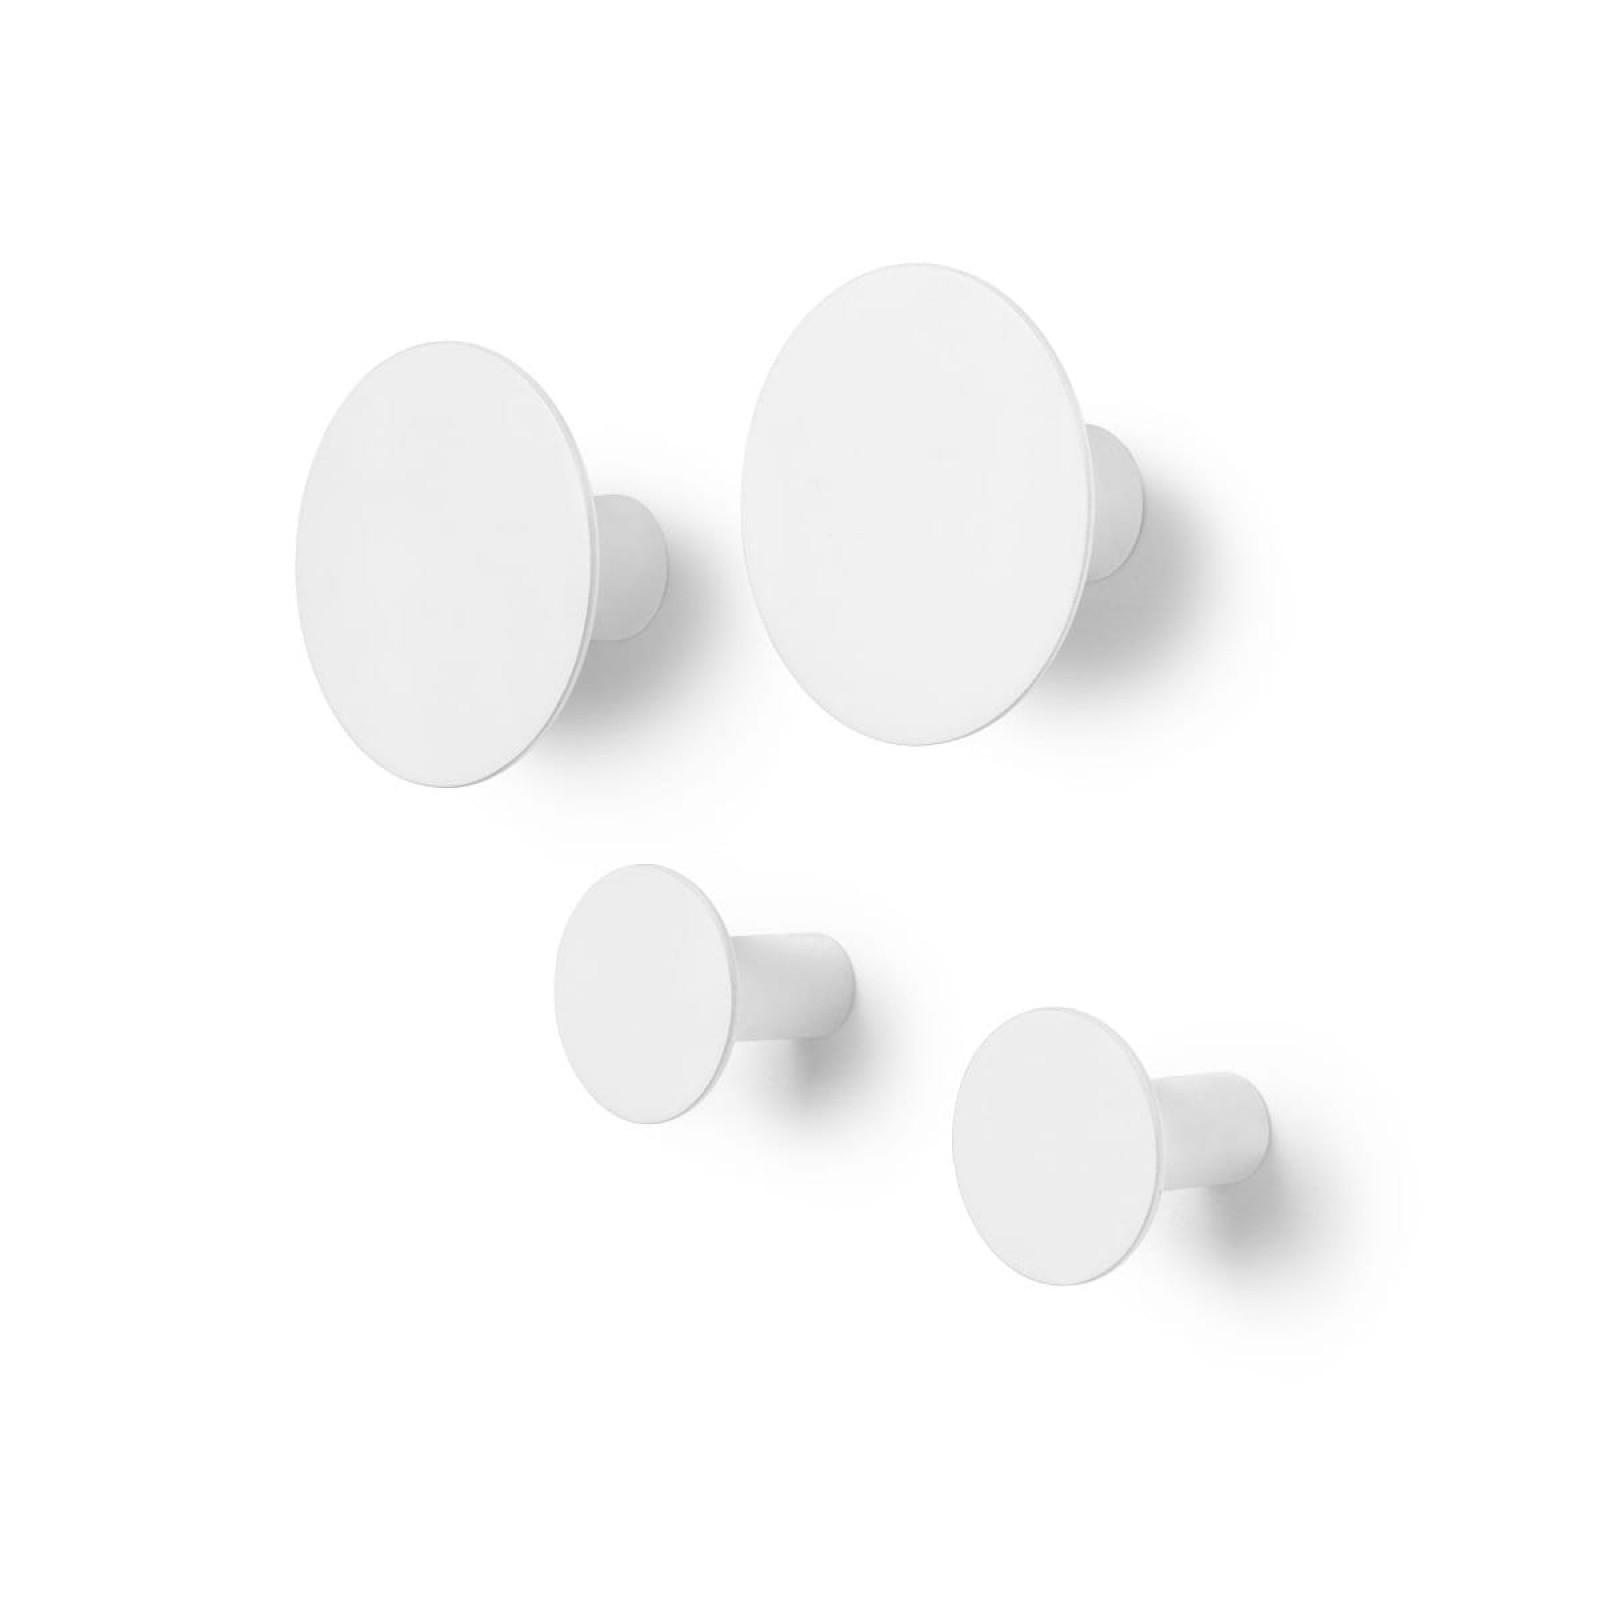 Κρεμάστρες Τοίχου Ponto / Σετ των 4 (Λευκό Lily White) - Blomus